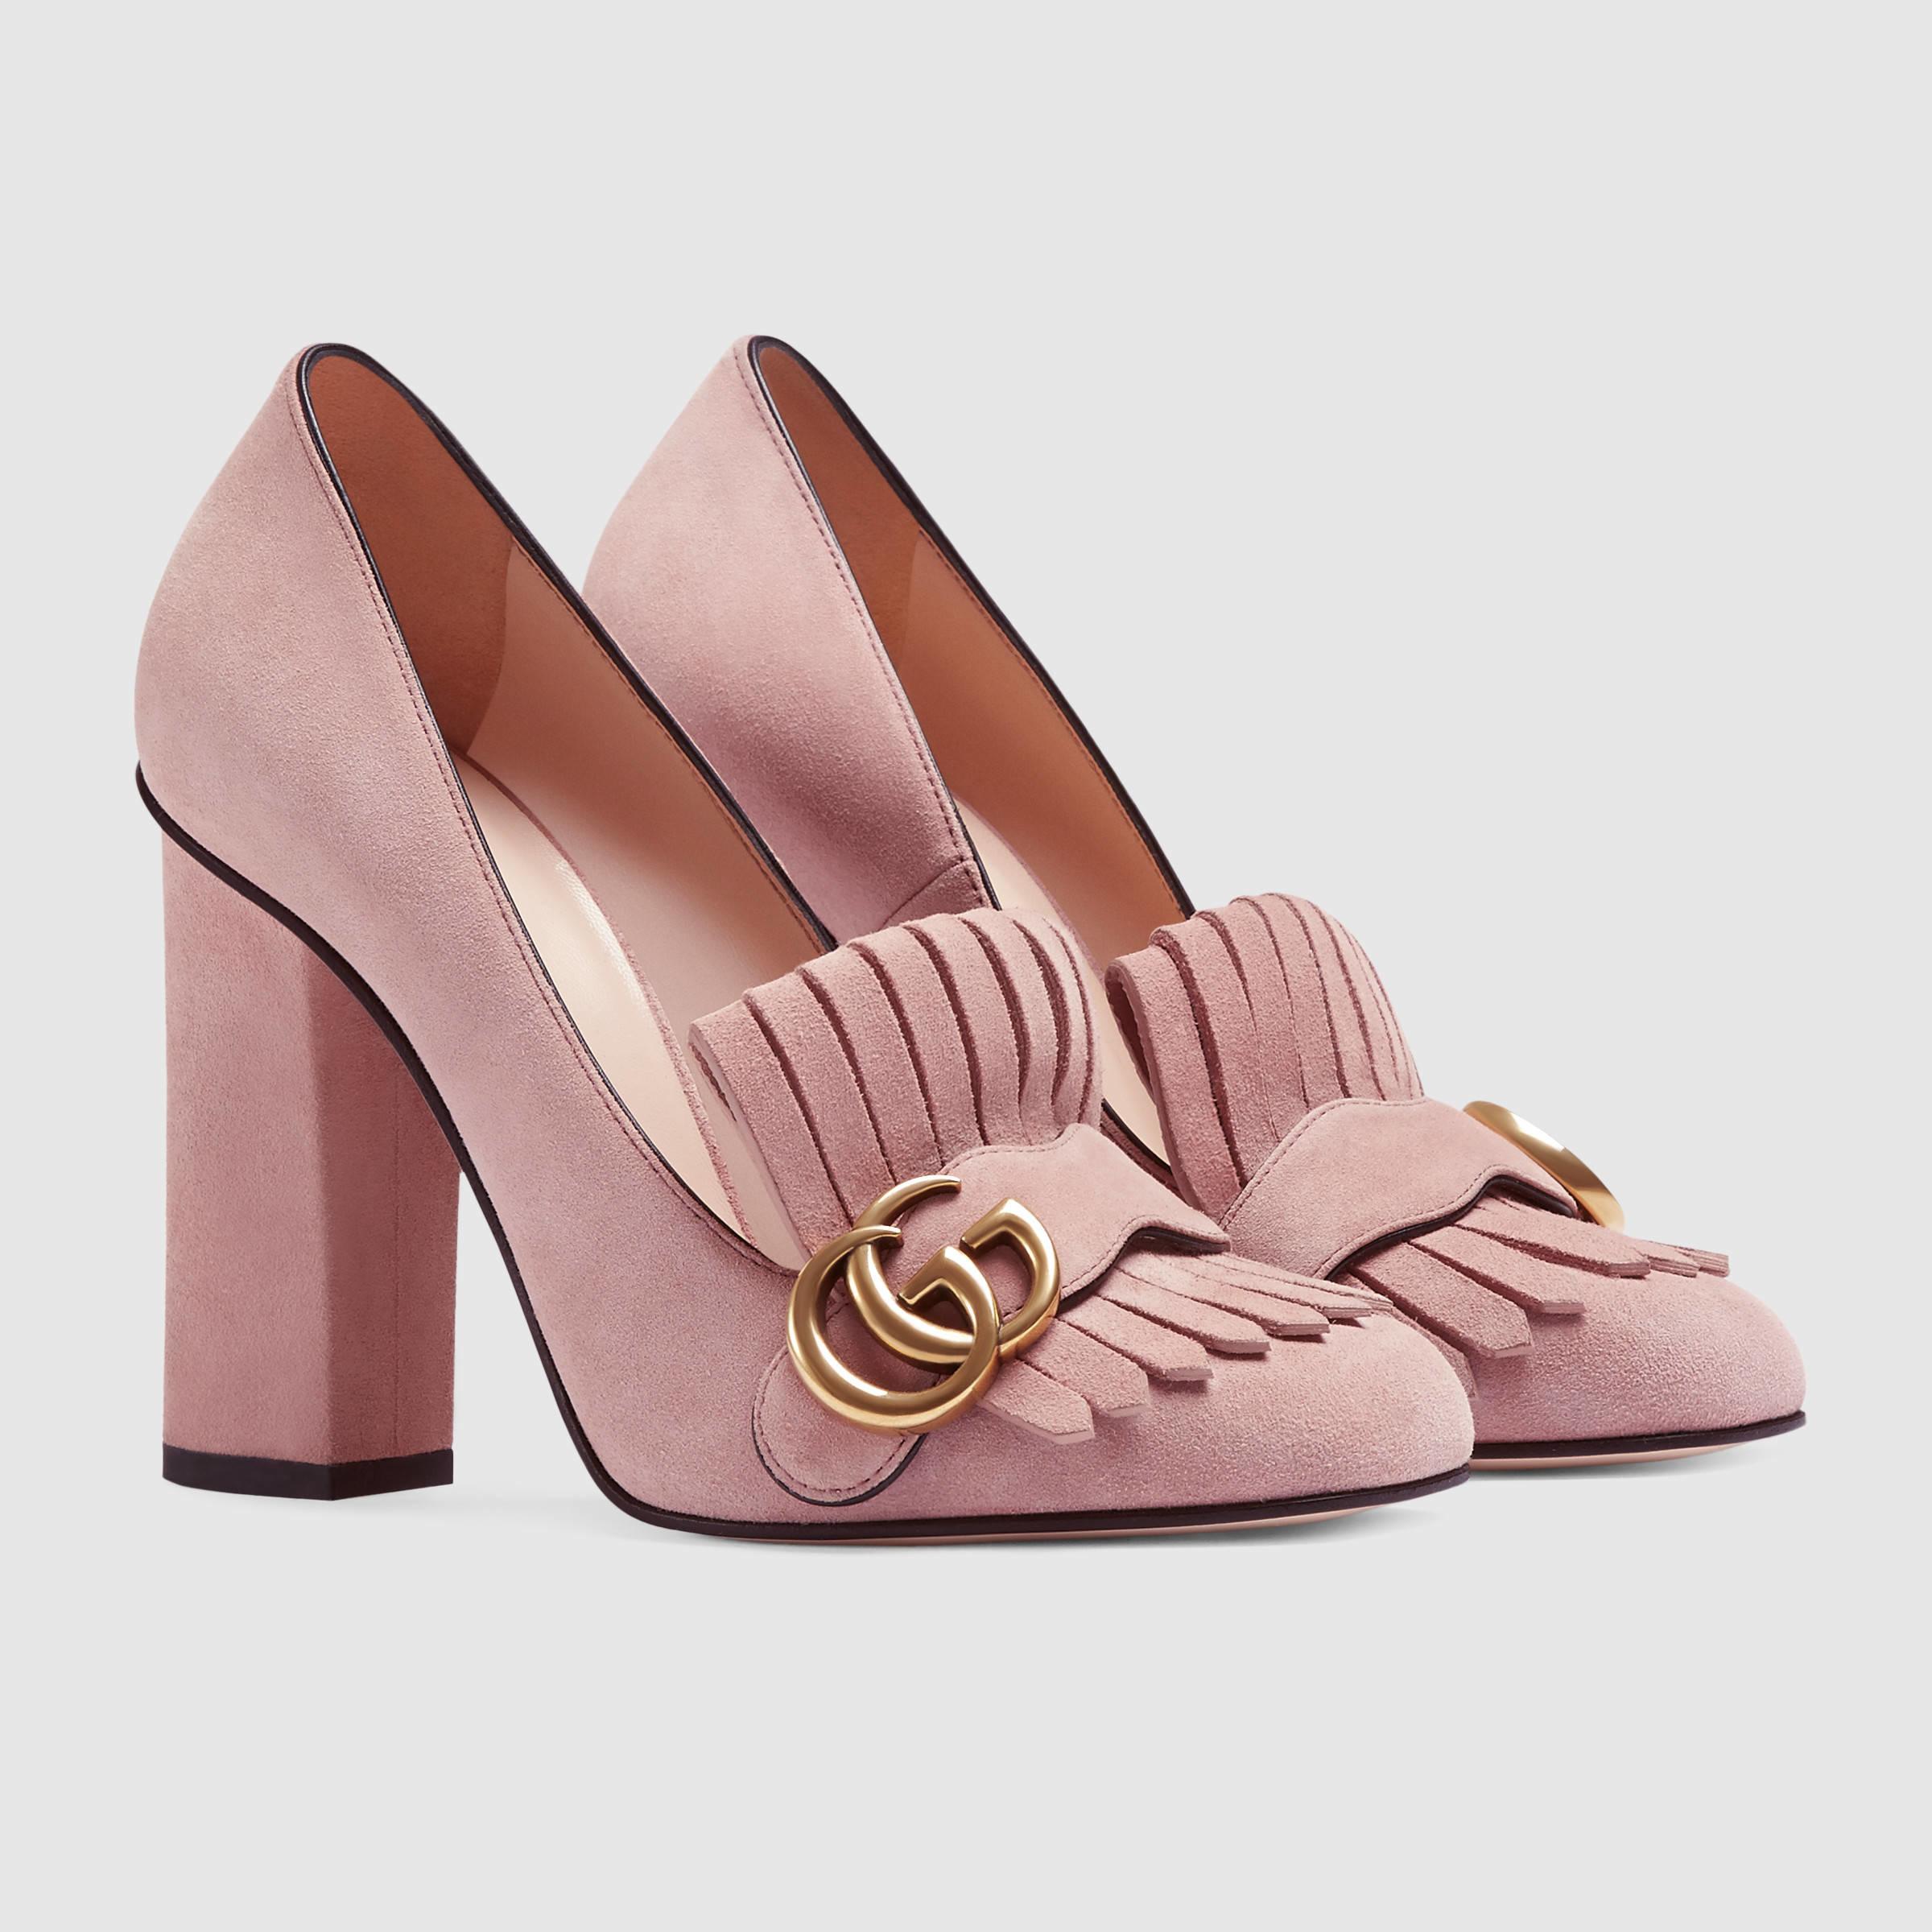 cb74e16c9 Gucci Suede Pump in Pink - Lyst